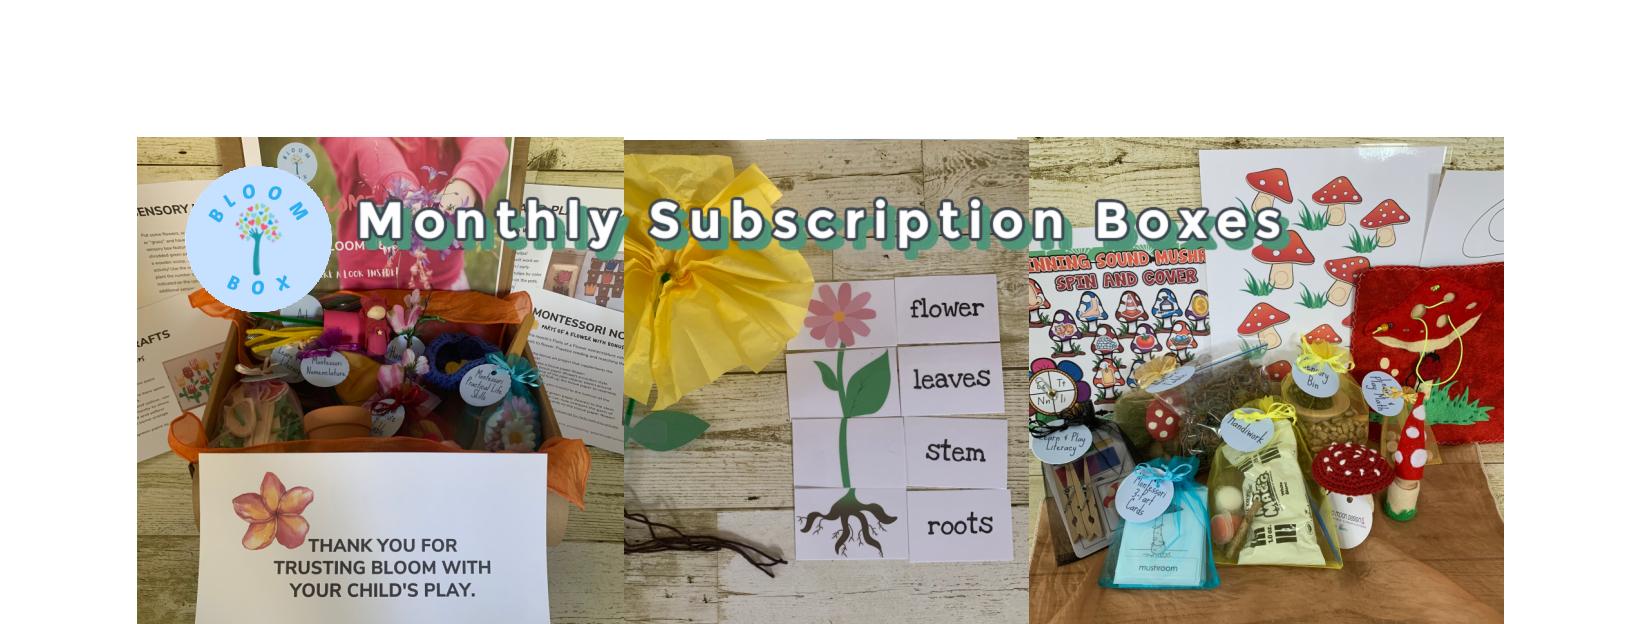 bloom_website_slider_copy_bloombox_2